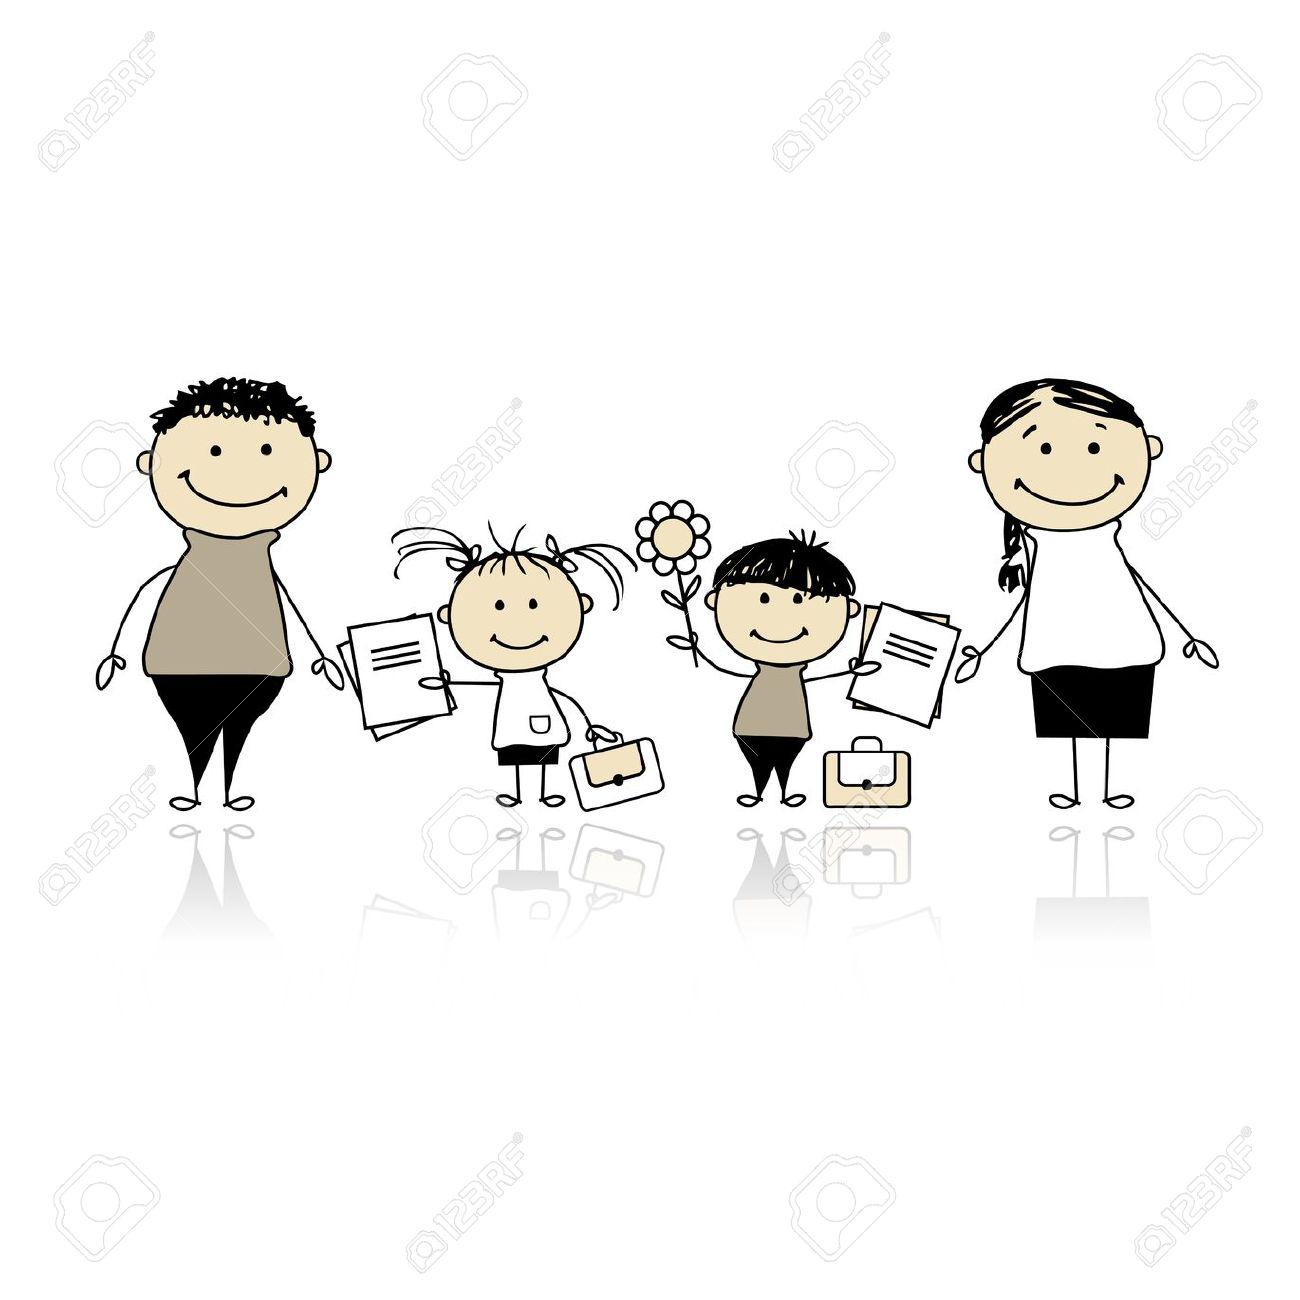 Parent child school clipart.